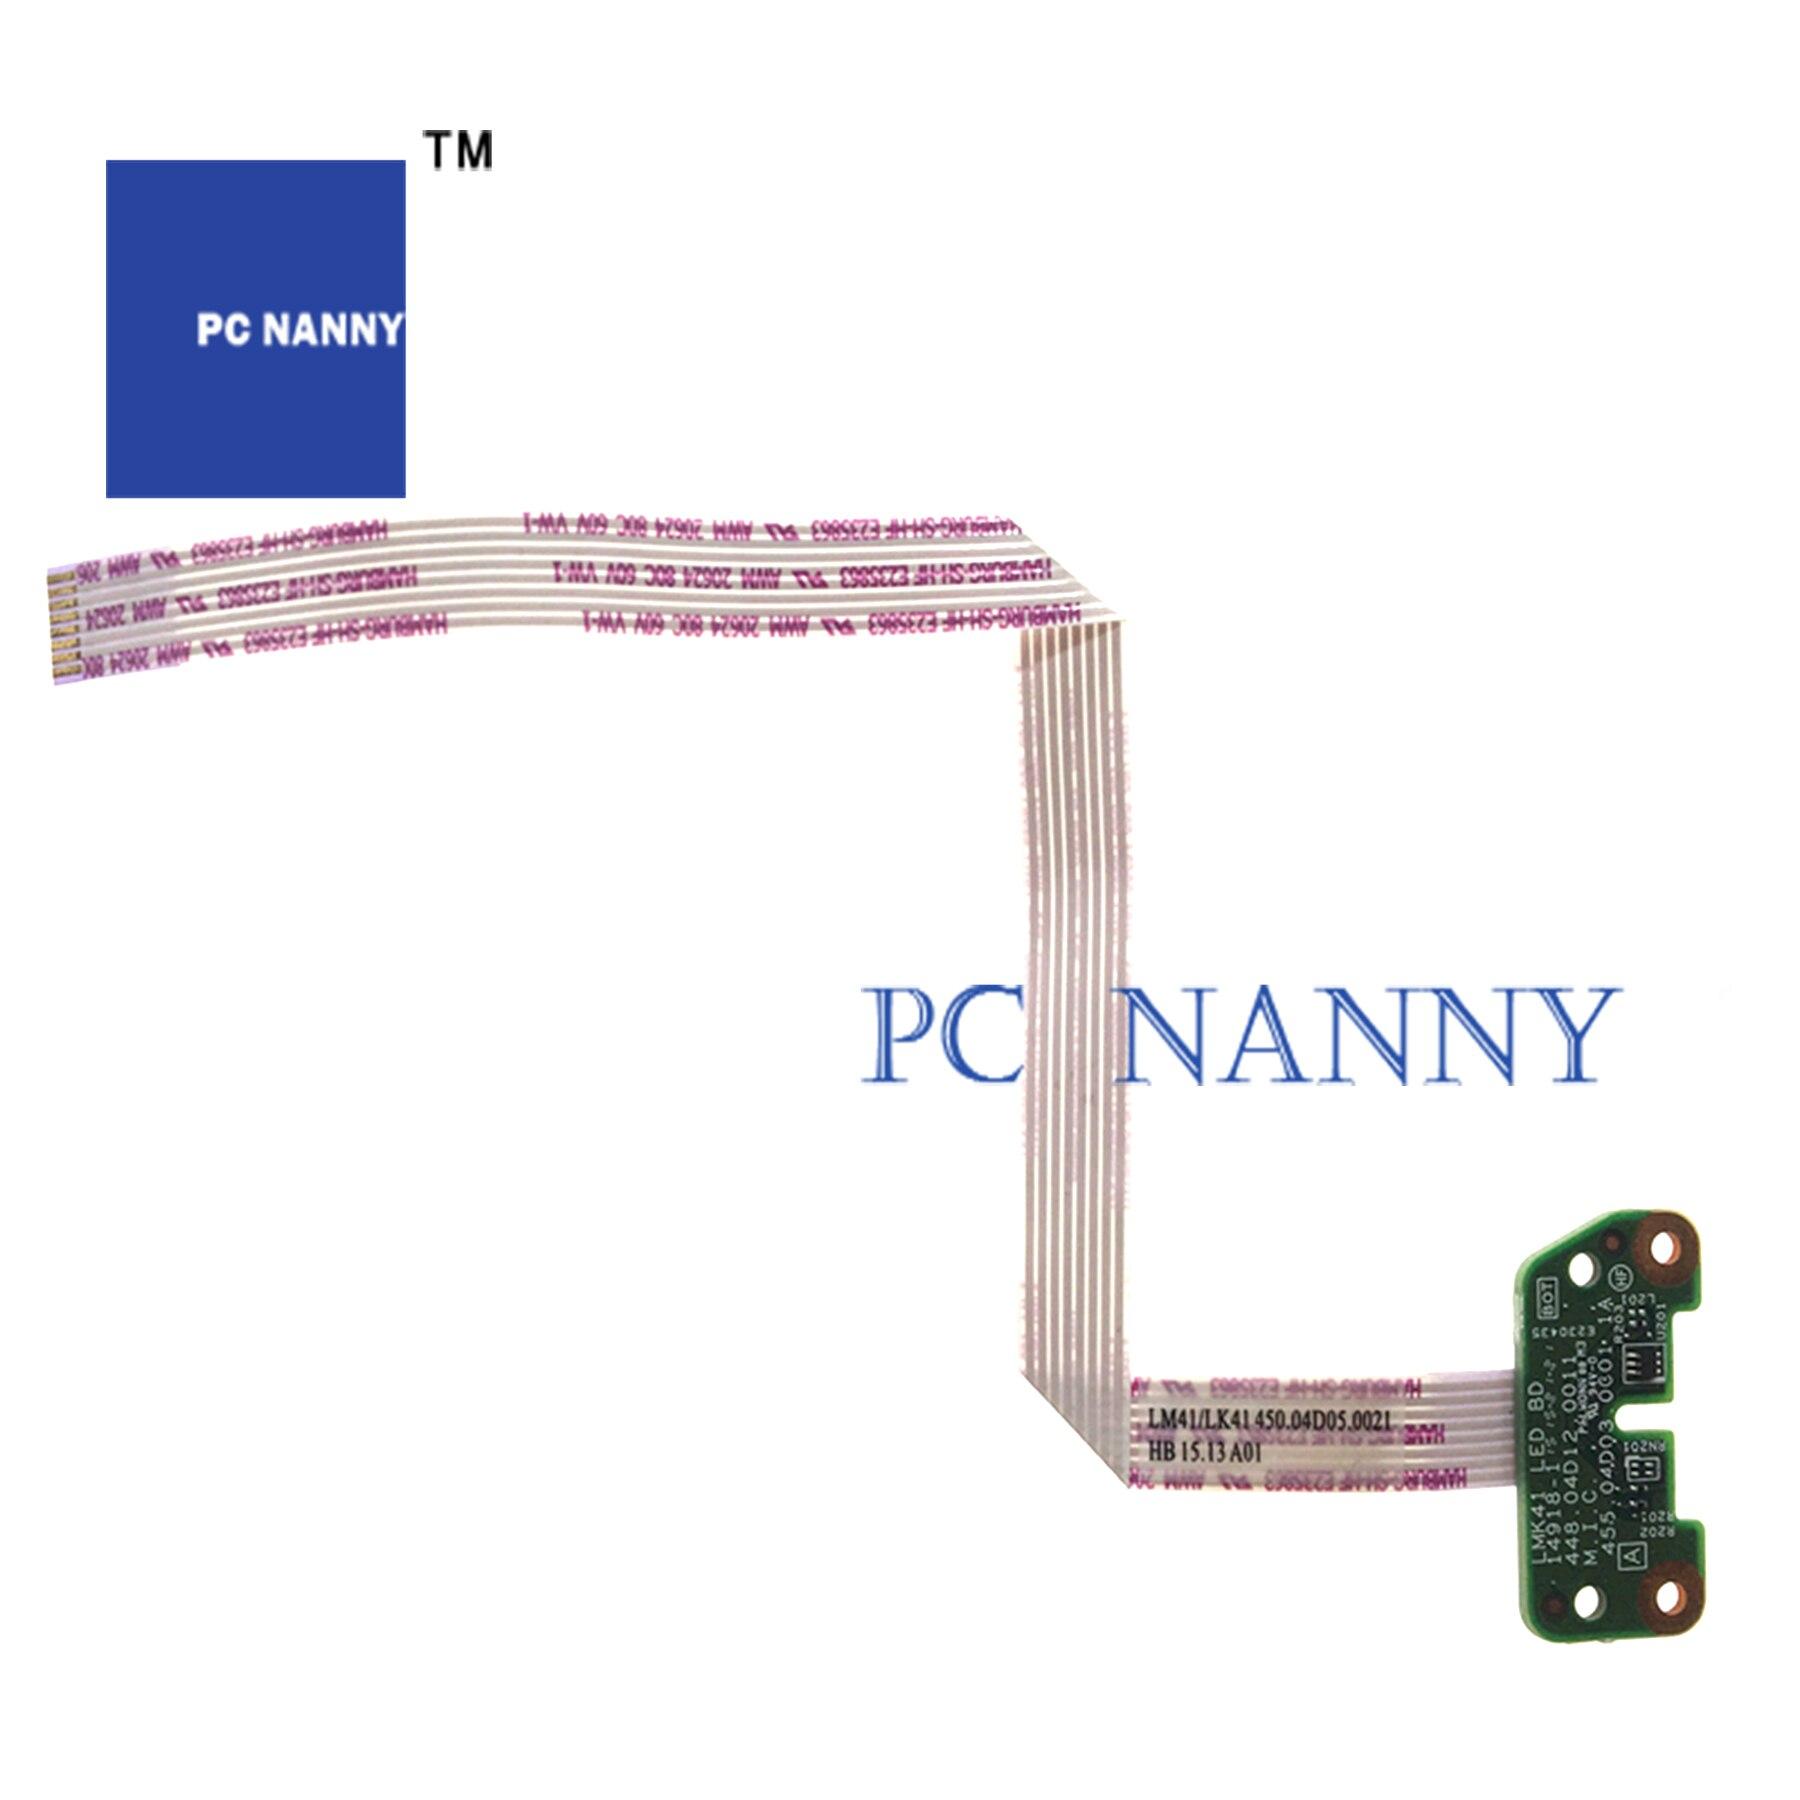 PCNANNY ل M41 M41-70 LED مجلس 5C50J24236 اختبار جيدة تستخدم